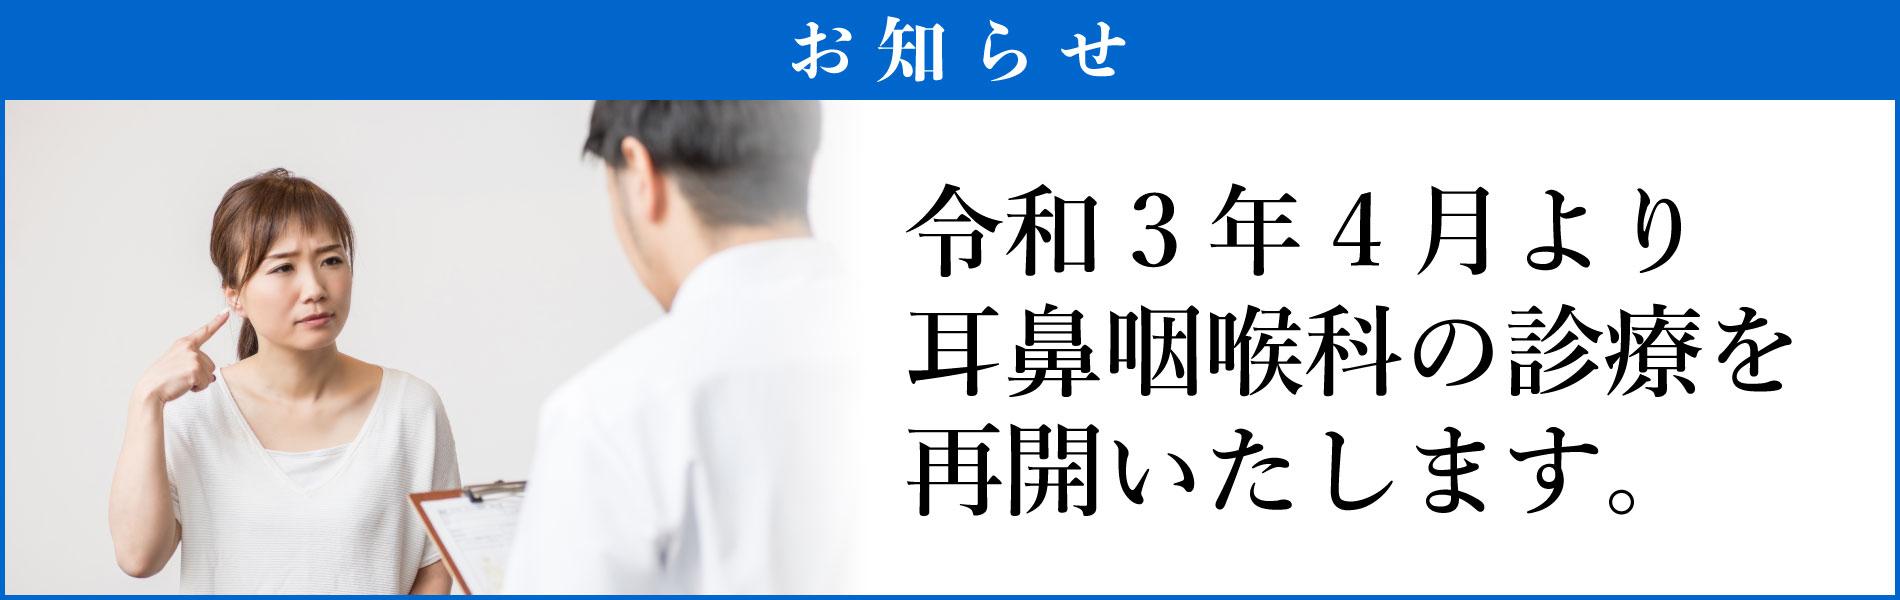 令和3年4月より耳鼻咽喉科の診療を再開いたします。